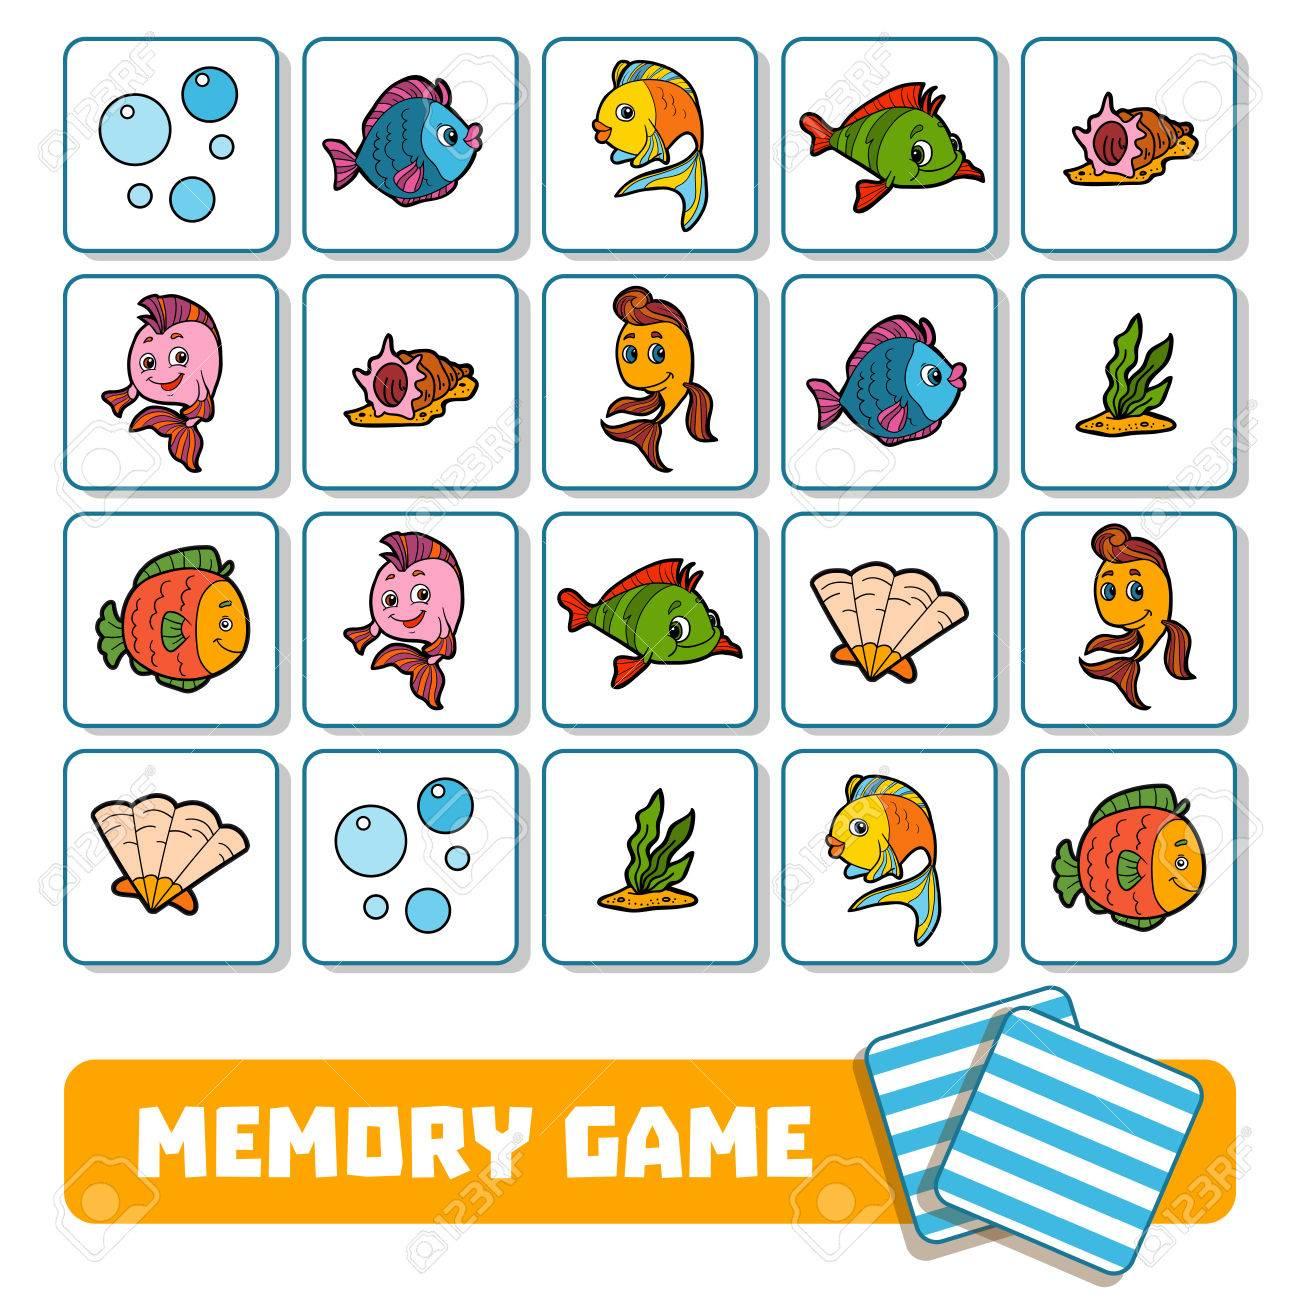 Jeu De Mémoire Pour Enfants D'âge Préscolaire, Cartes Vectorielles Sur Le  Monde De La Mer concernant Jeux De Memory Pour Enfants